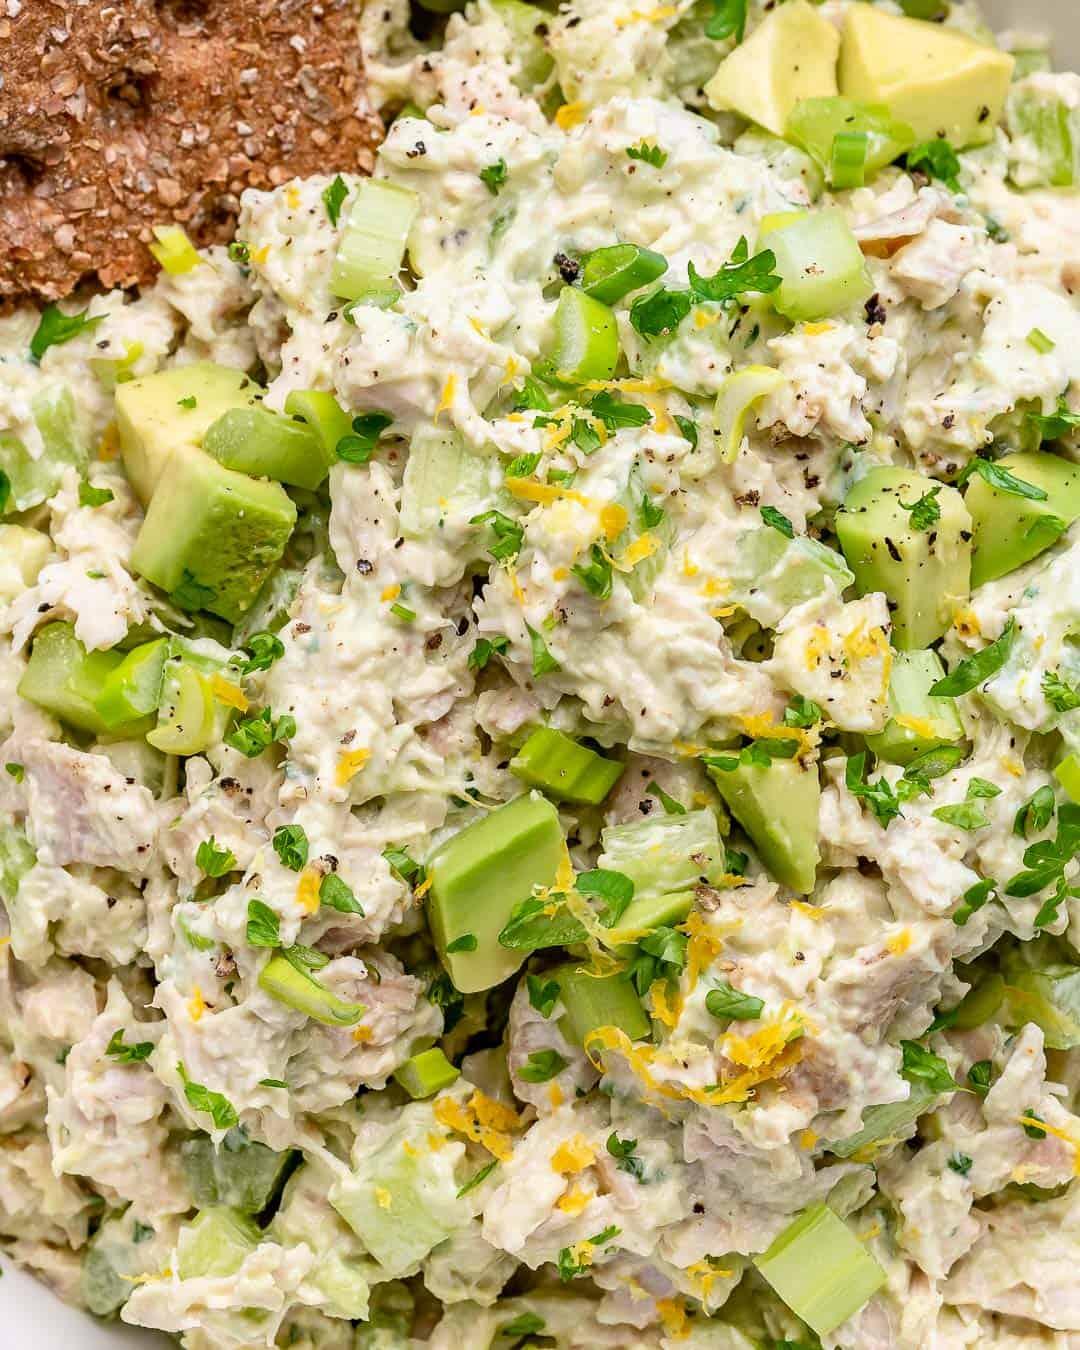 healthy and easy chicken salad recipe